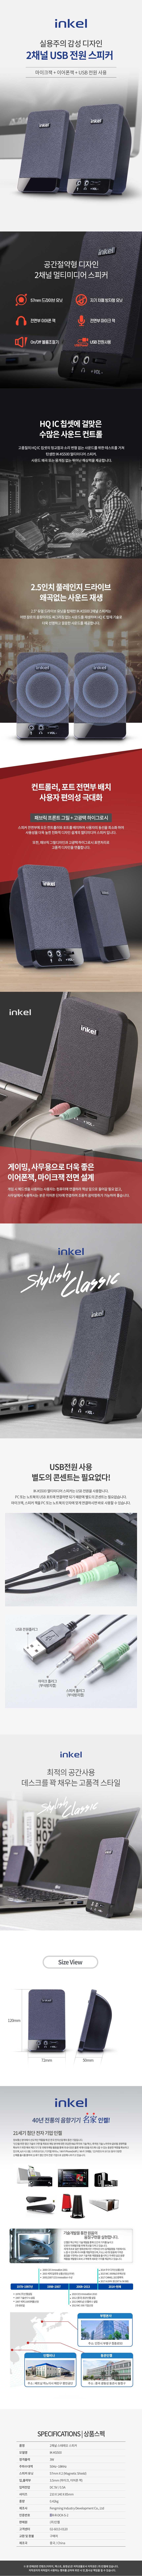 인켈 IK-KS500